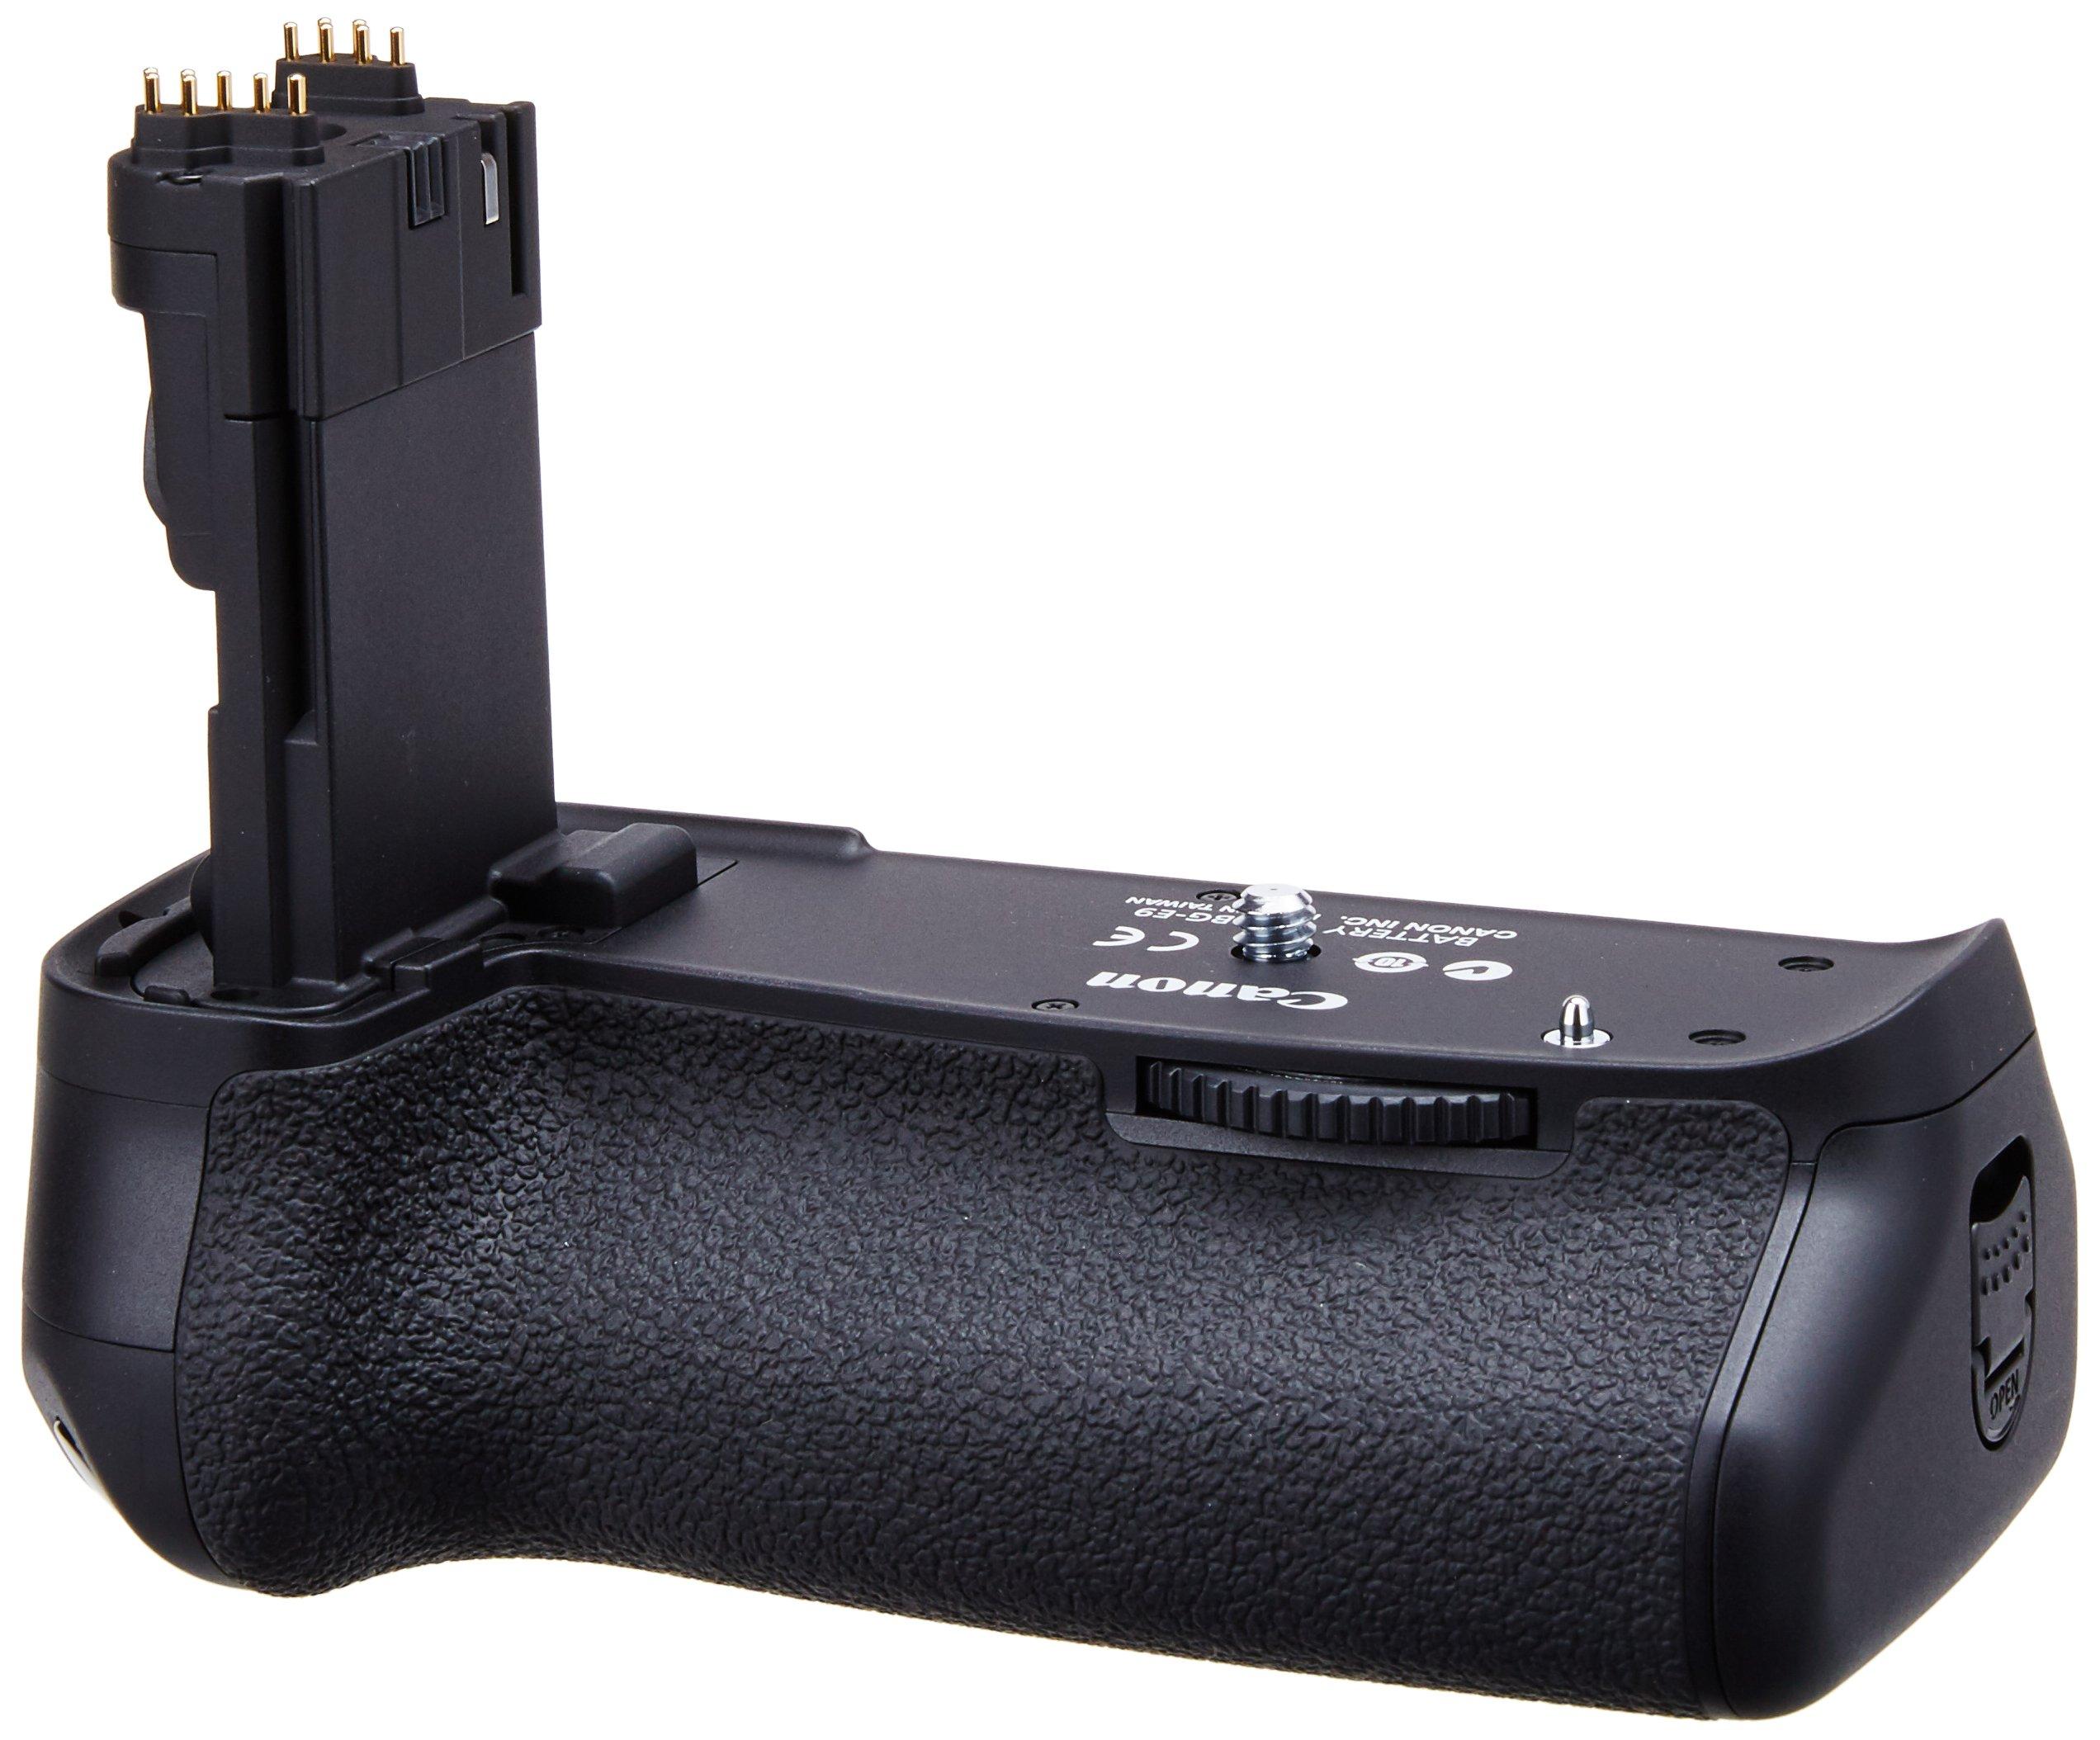 Canon BG-E9 Battery Grip for the Canon EOS 60D